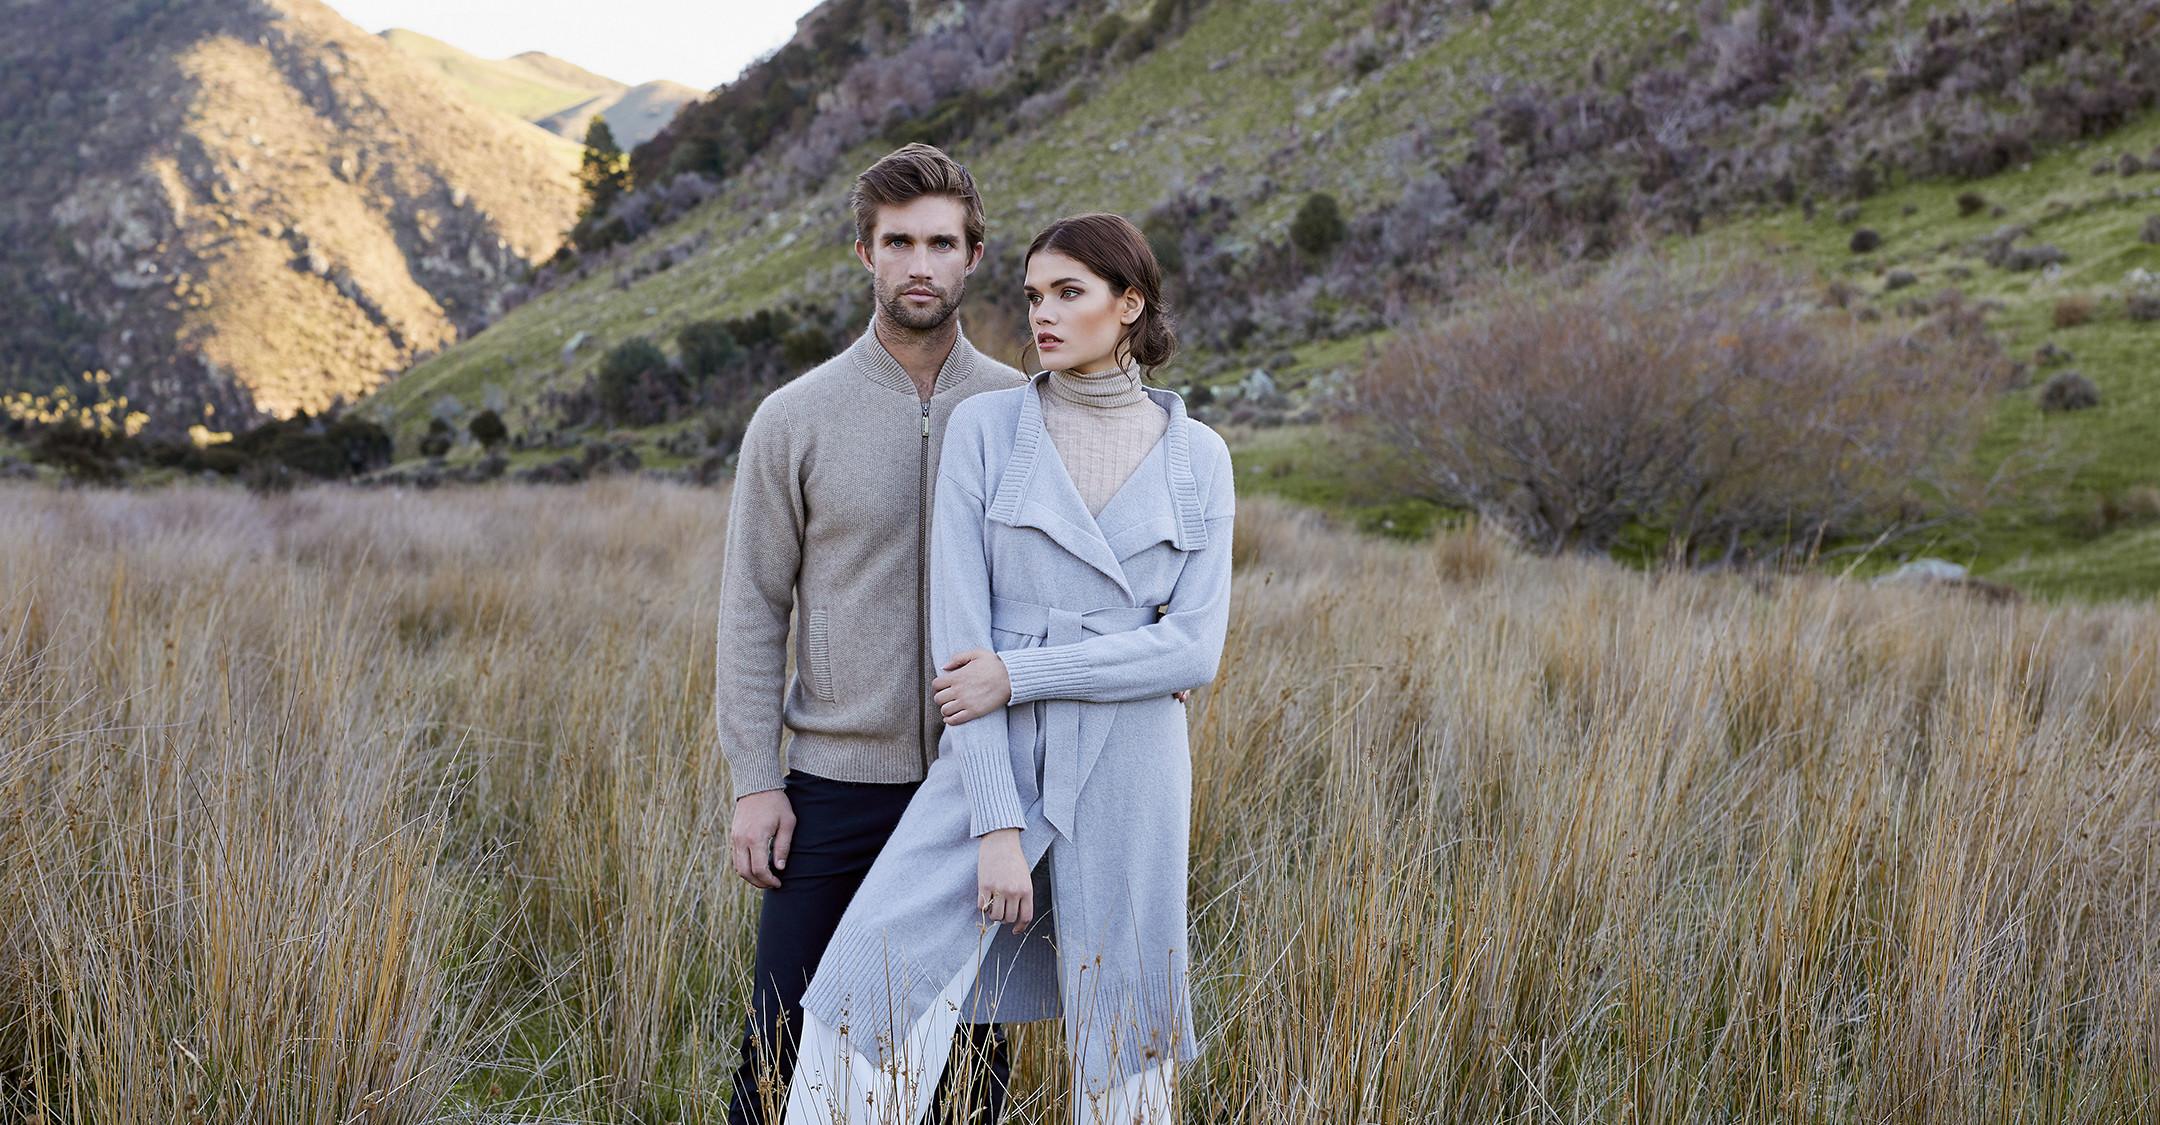 Merino Clothing